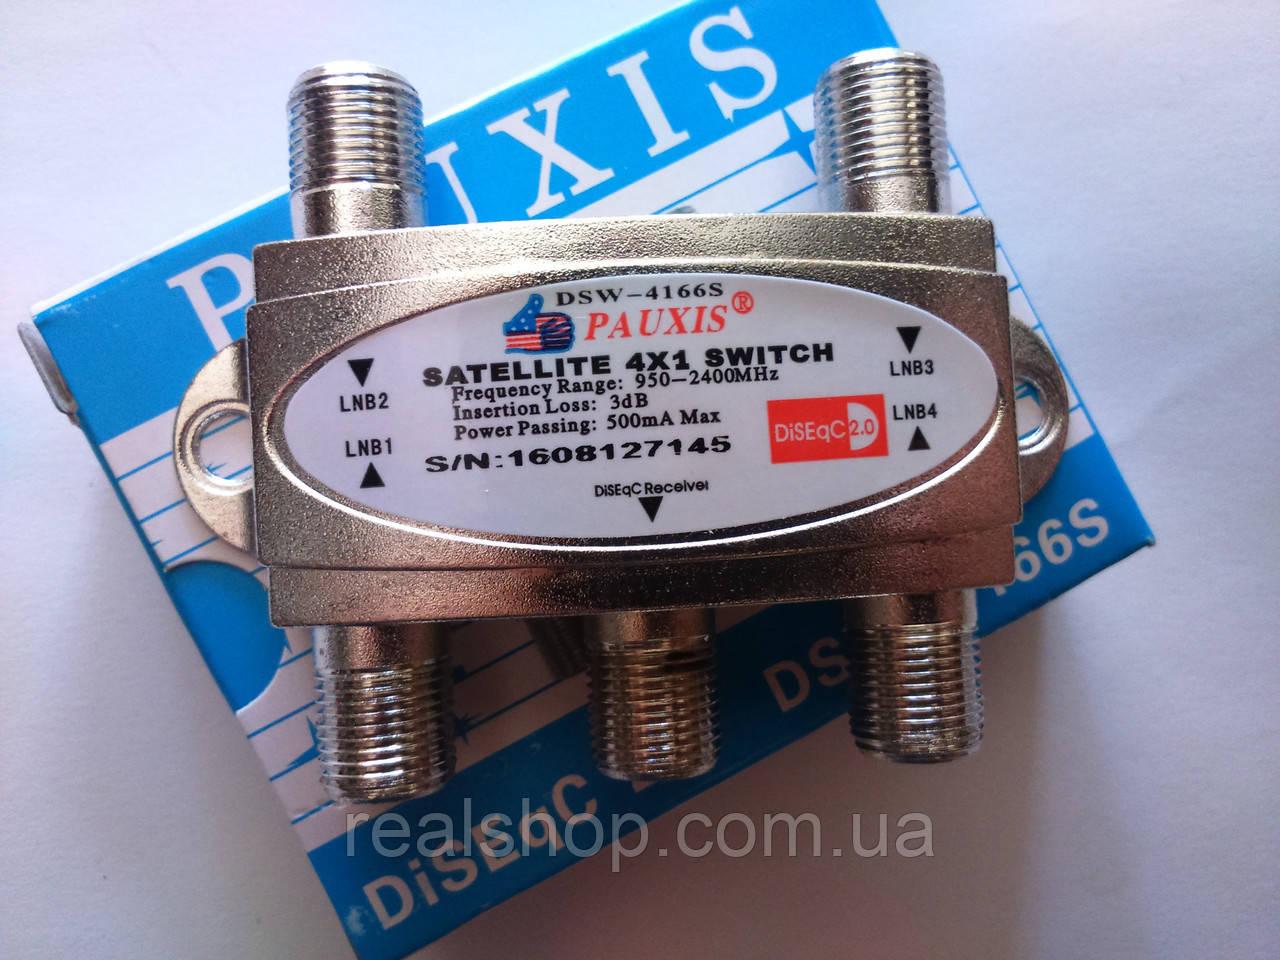 DiSEqC 2.0 - Pauxis DSW-4166S